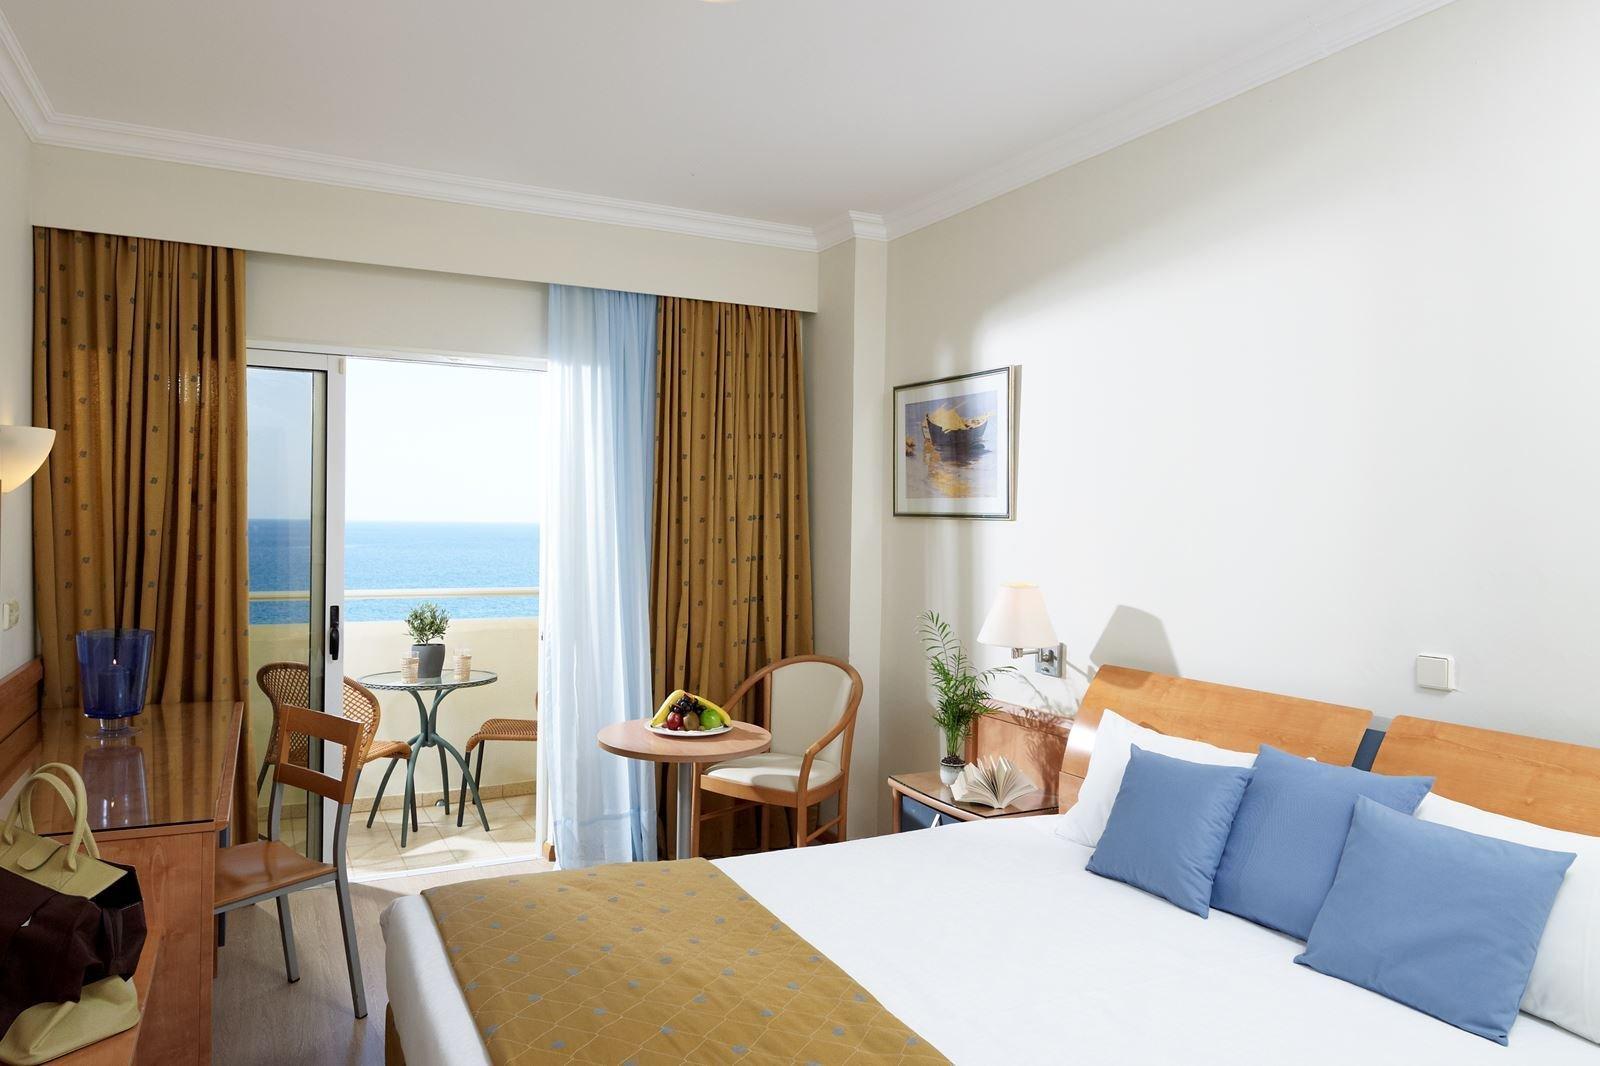 Hotel Esperides Beach - Faliraki - kamer zeezicht